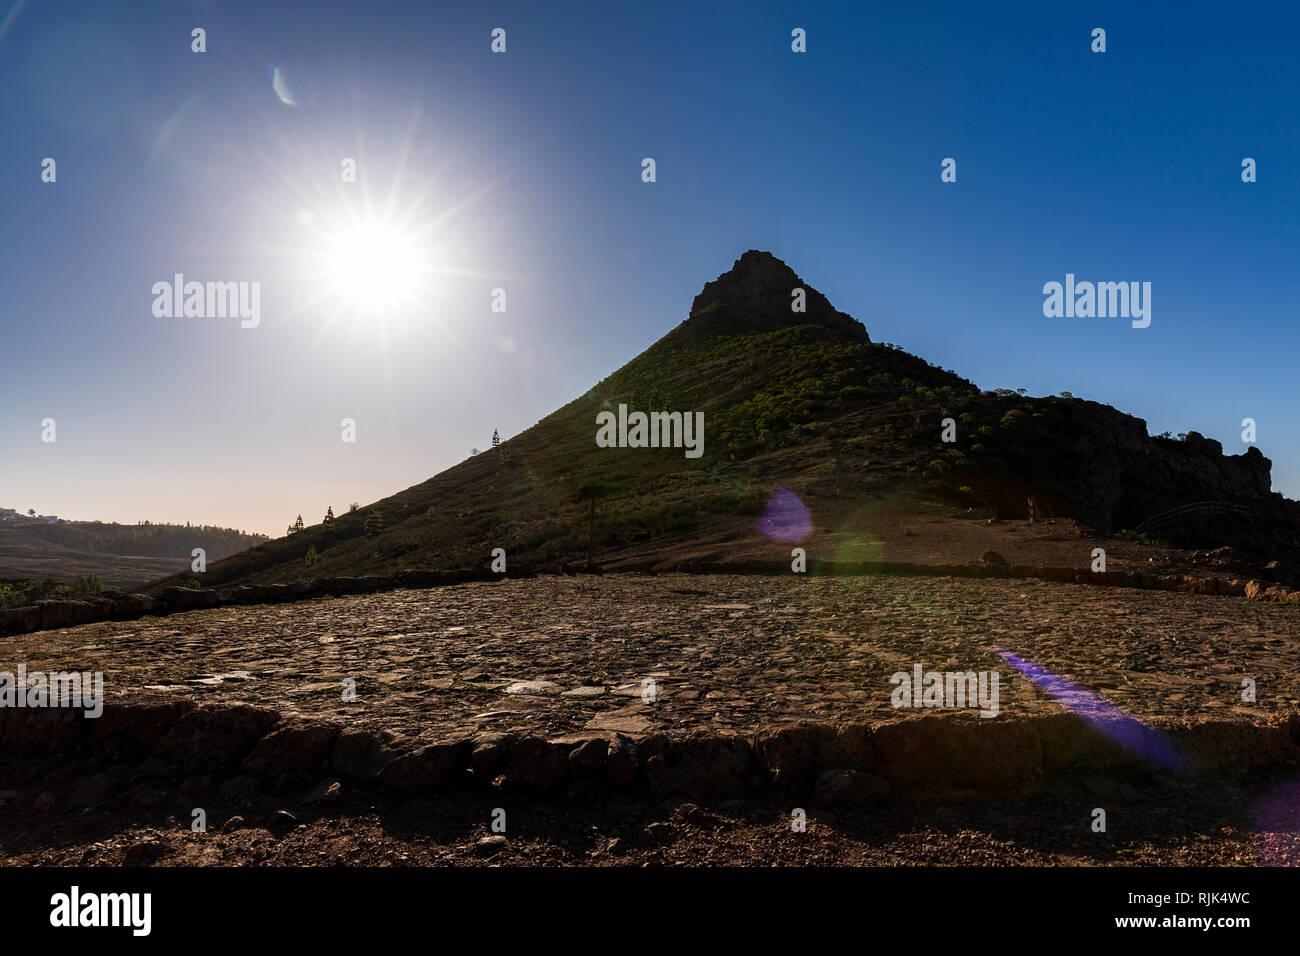 Sun flare creato da sparare in sun con la Roque appuntita Imoque e un pavimento di trebbiatura, era, in Ifonche, Arona, Tenerife, Isole Canarie, Spai Foto Stock